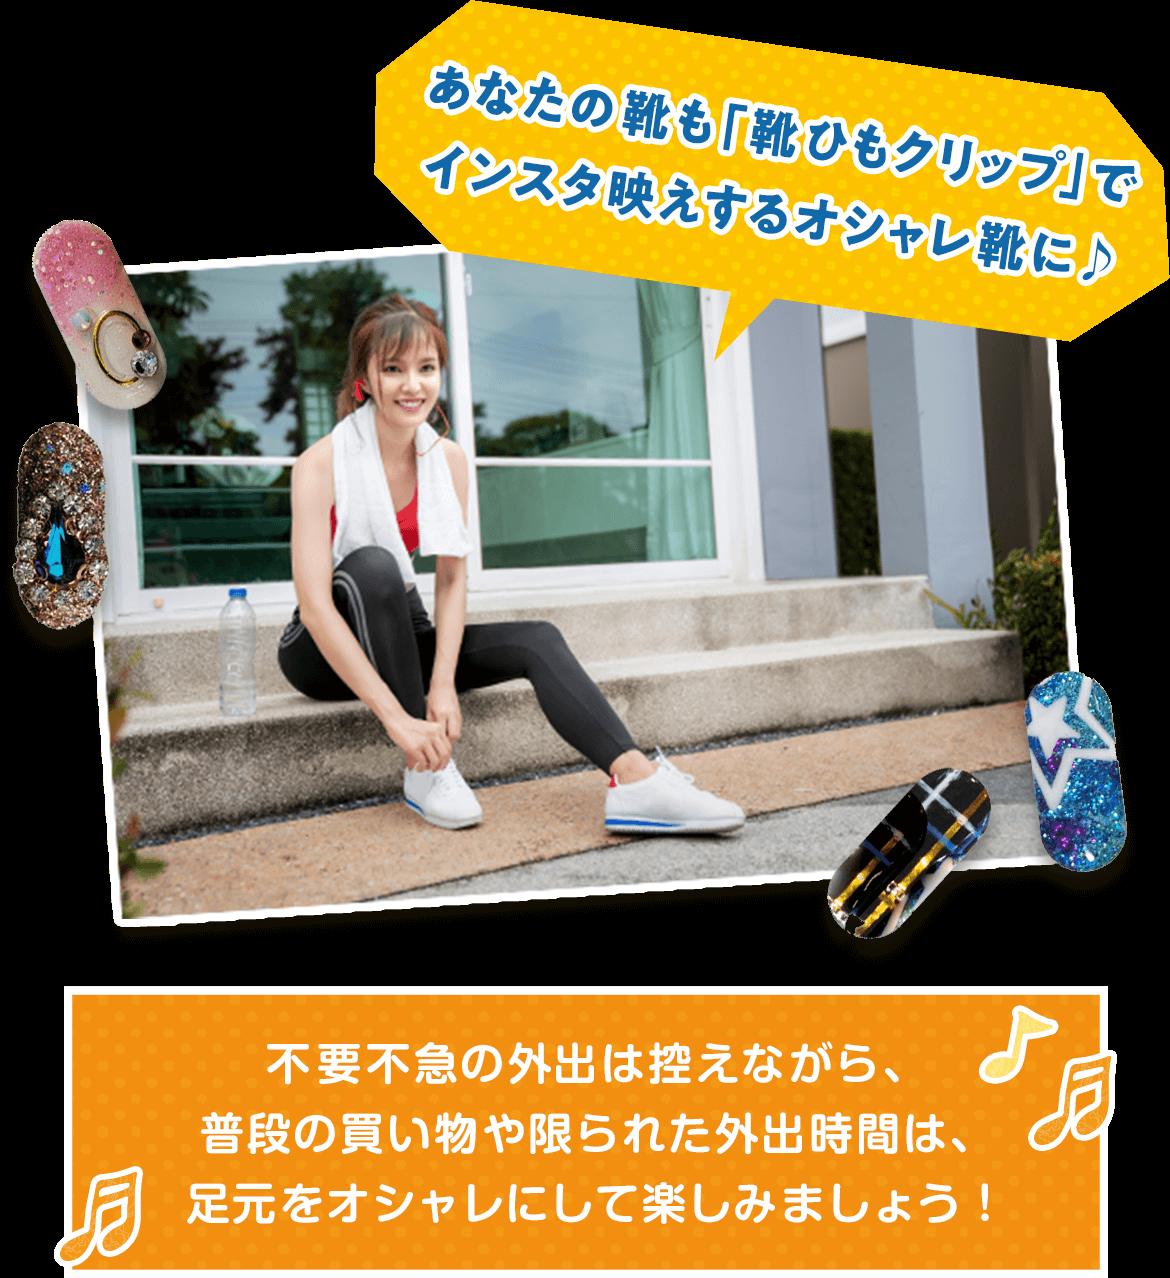 あなたの靴も「靴ひもクリップ」でインスタ映えするオシャレ靴に 不要不急の外出は控えながら、普段の買い物や限られた外出時間は、足元をオシャレにして楽しみましょう!